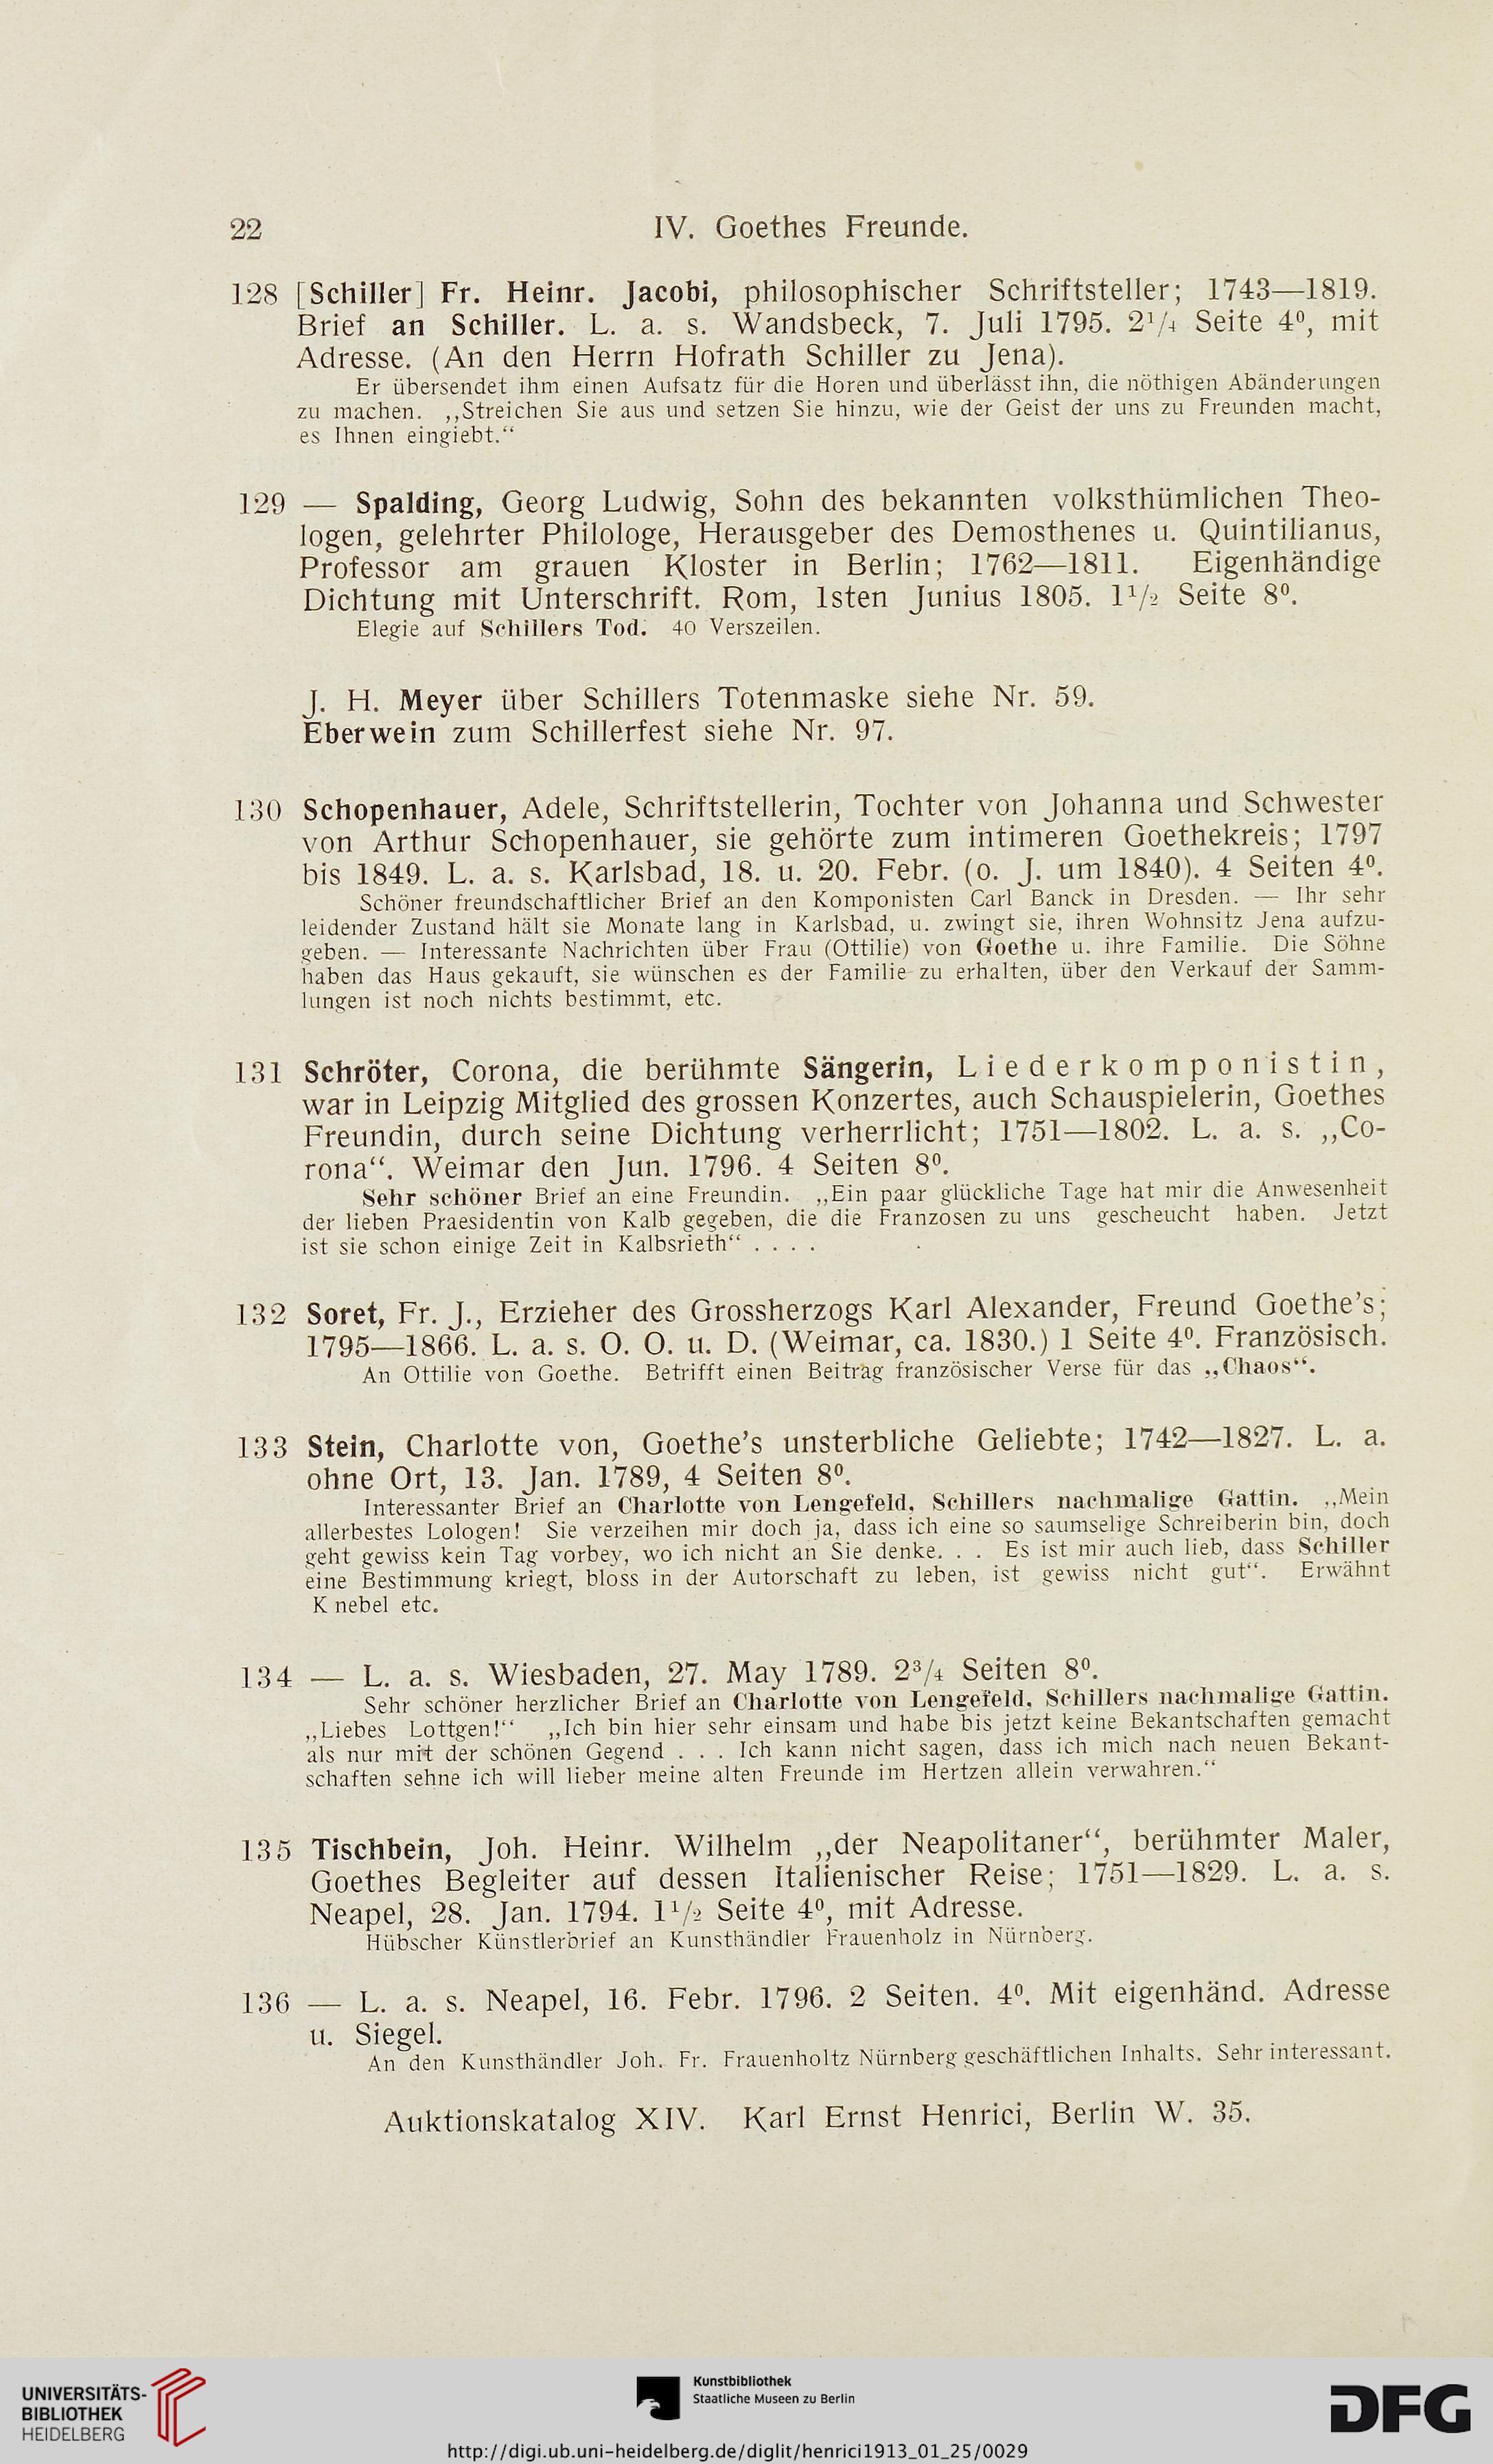 Karl Ernst Henrici Berlin Hrsg Briefe Von Und An Goethe